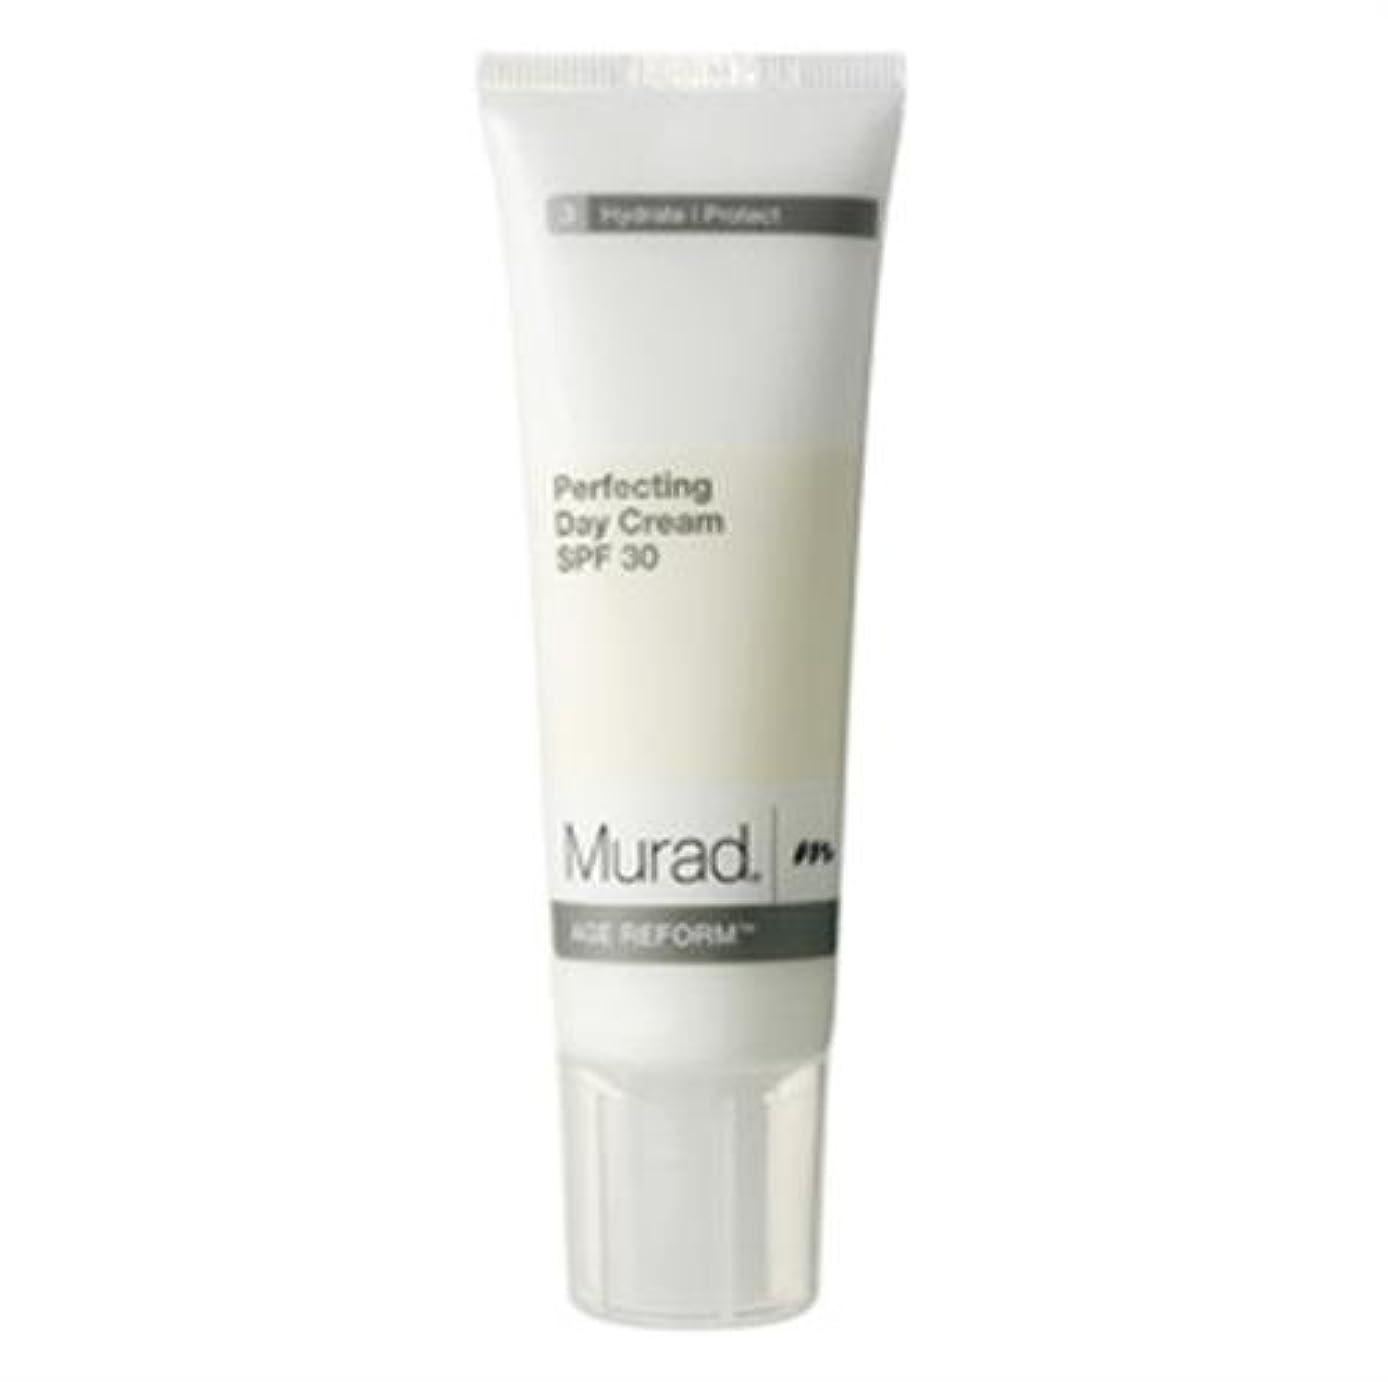 ギネス疑問を超えてサイドボードミュラド Perfecting Day Cream SPF30 - Dry/Sensitive Skin (Exp. Date 03/2020) 50ml/1.7oz並行輸入品